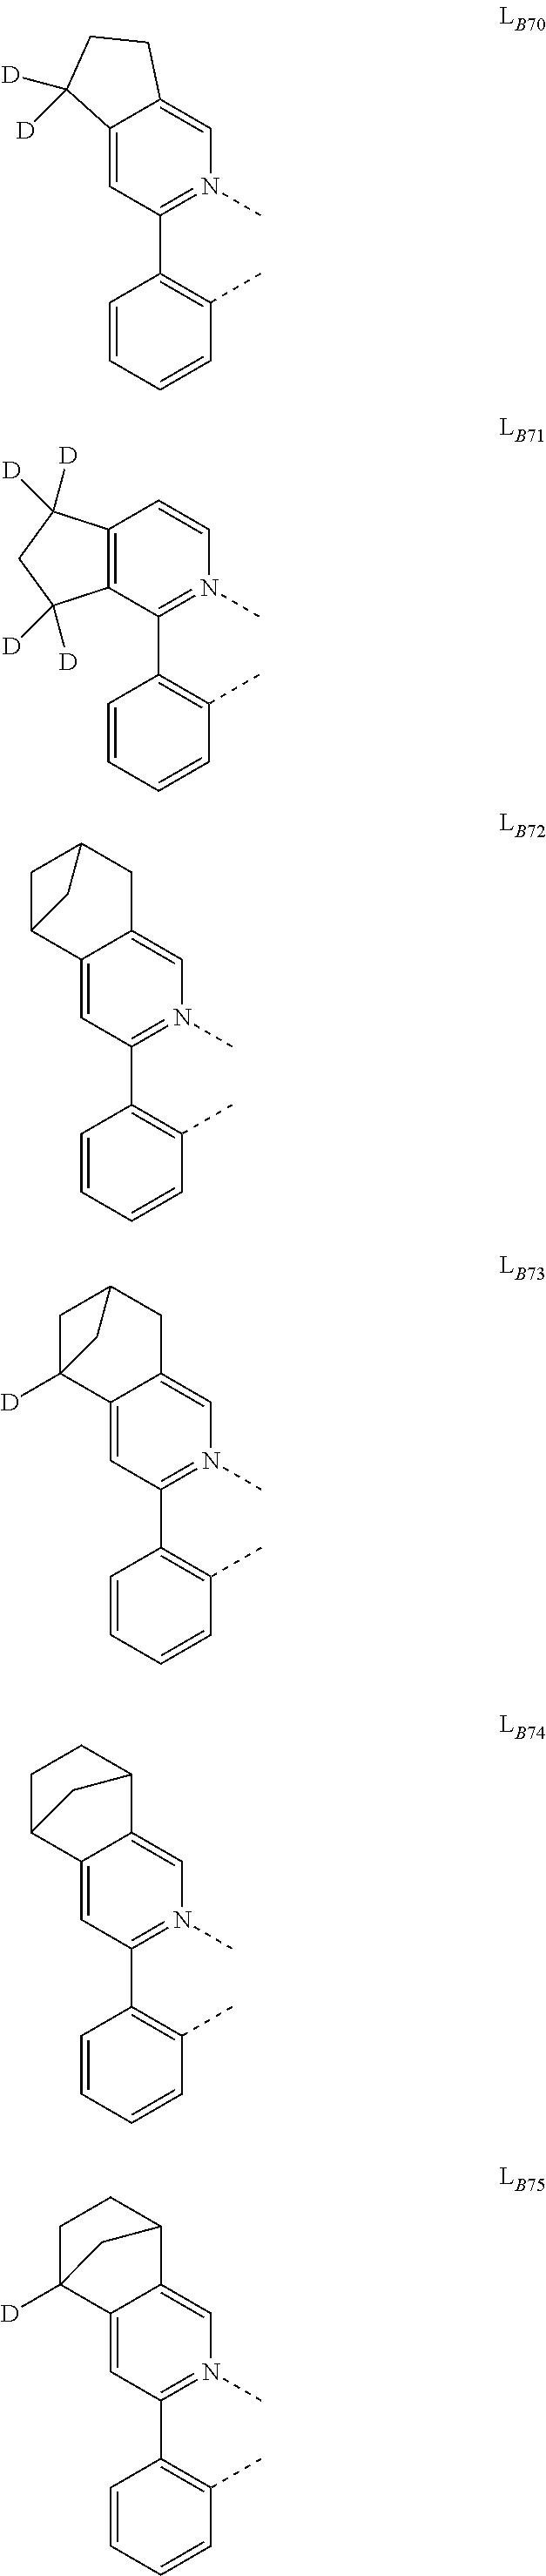 Figure US20180130962A1-20180510-C00273